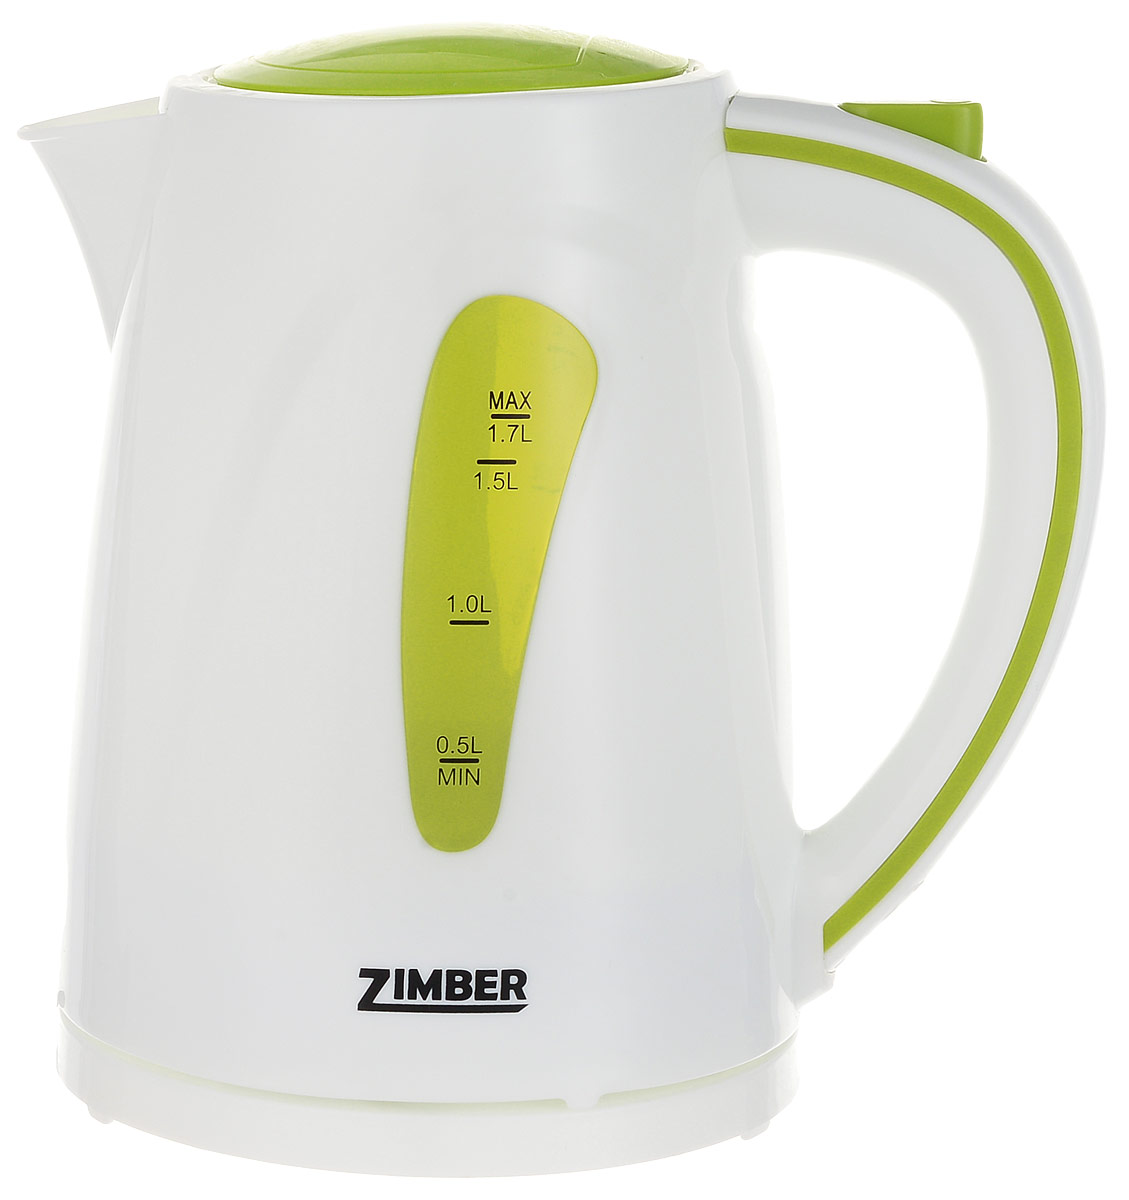 лучшая цена Zimber ZM-10838 электрический чайник